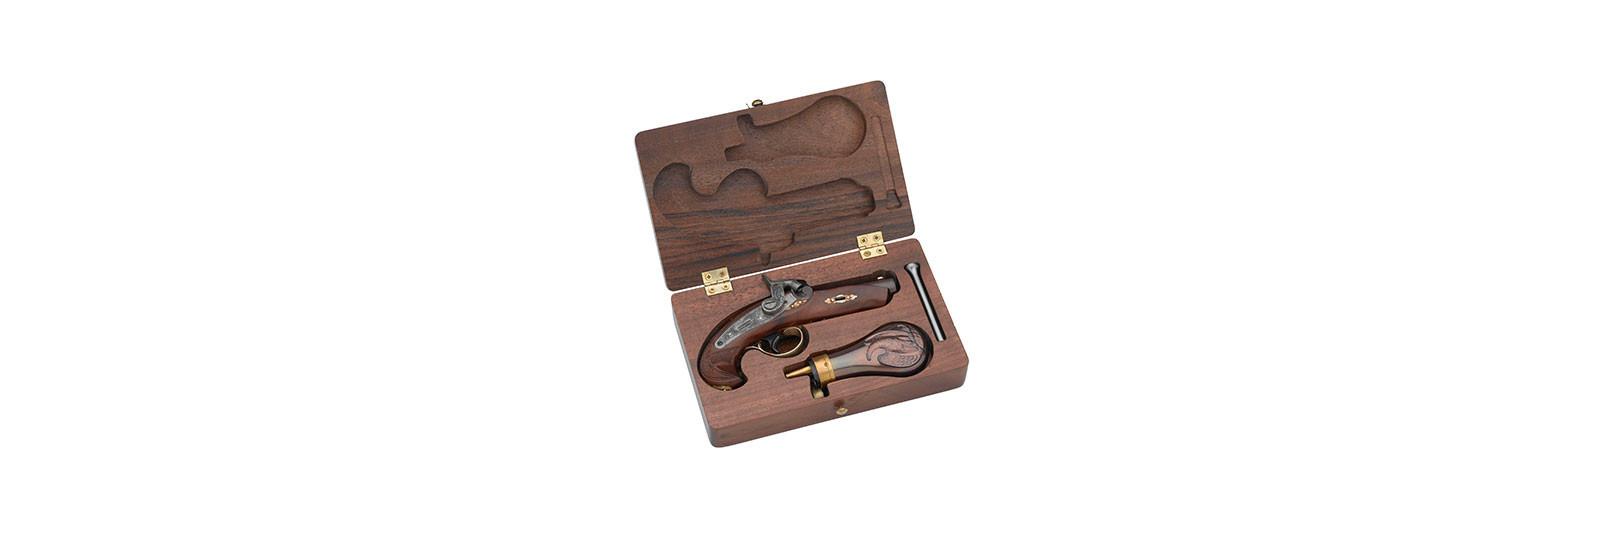 Deringer Philadelphia Pistol with case